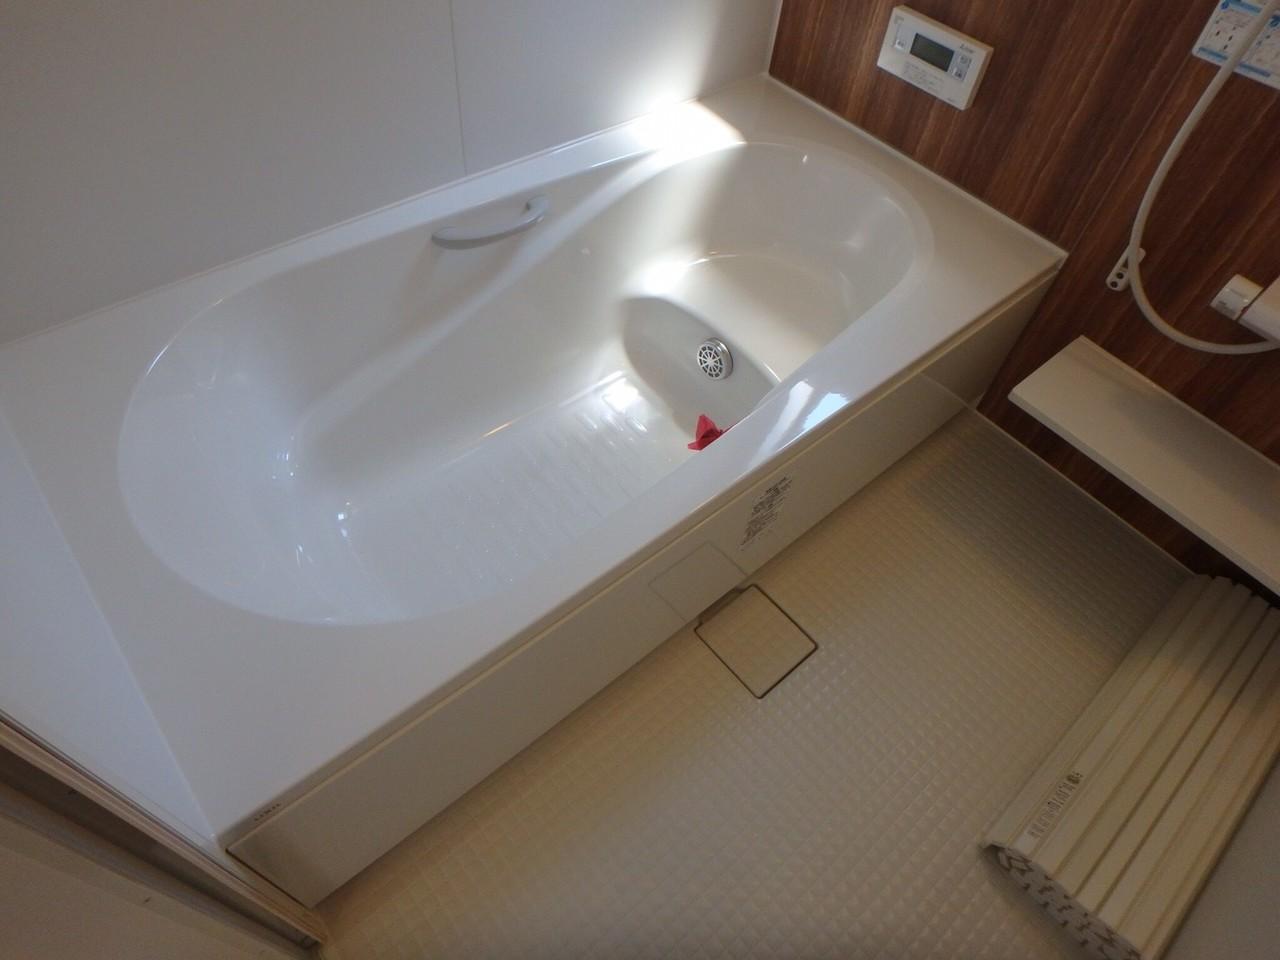 足を伸ばせるお風呂は、家族の憧れ。 大人数で入っても余裕の広さがあるのは、戸建ならではですね。